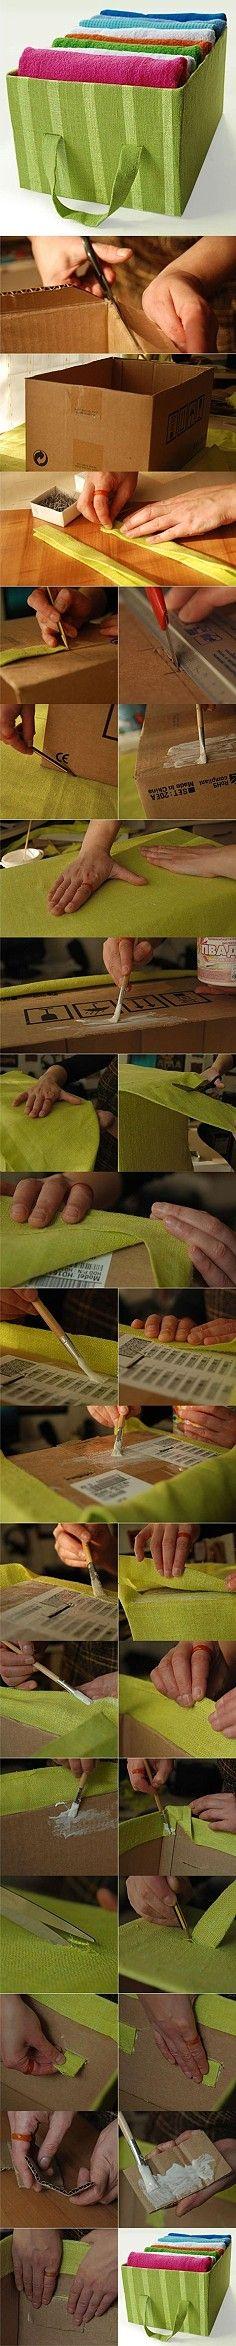 Como decorar uma caixa de papelão para guardar as toalhas !